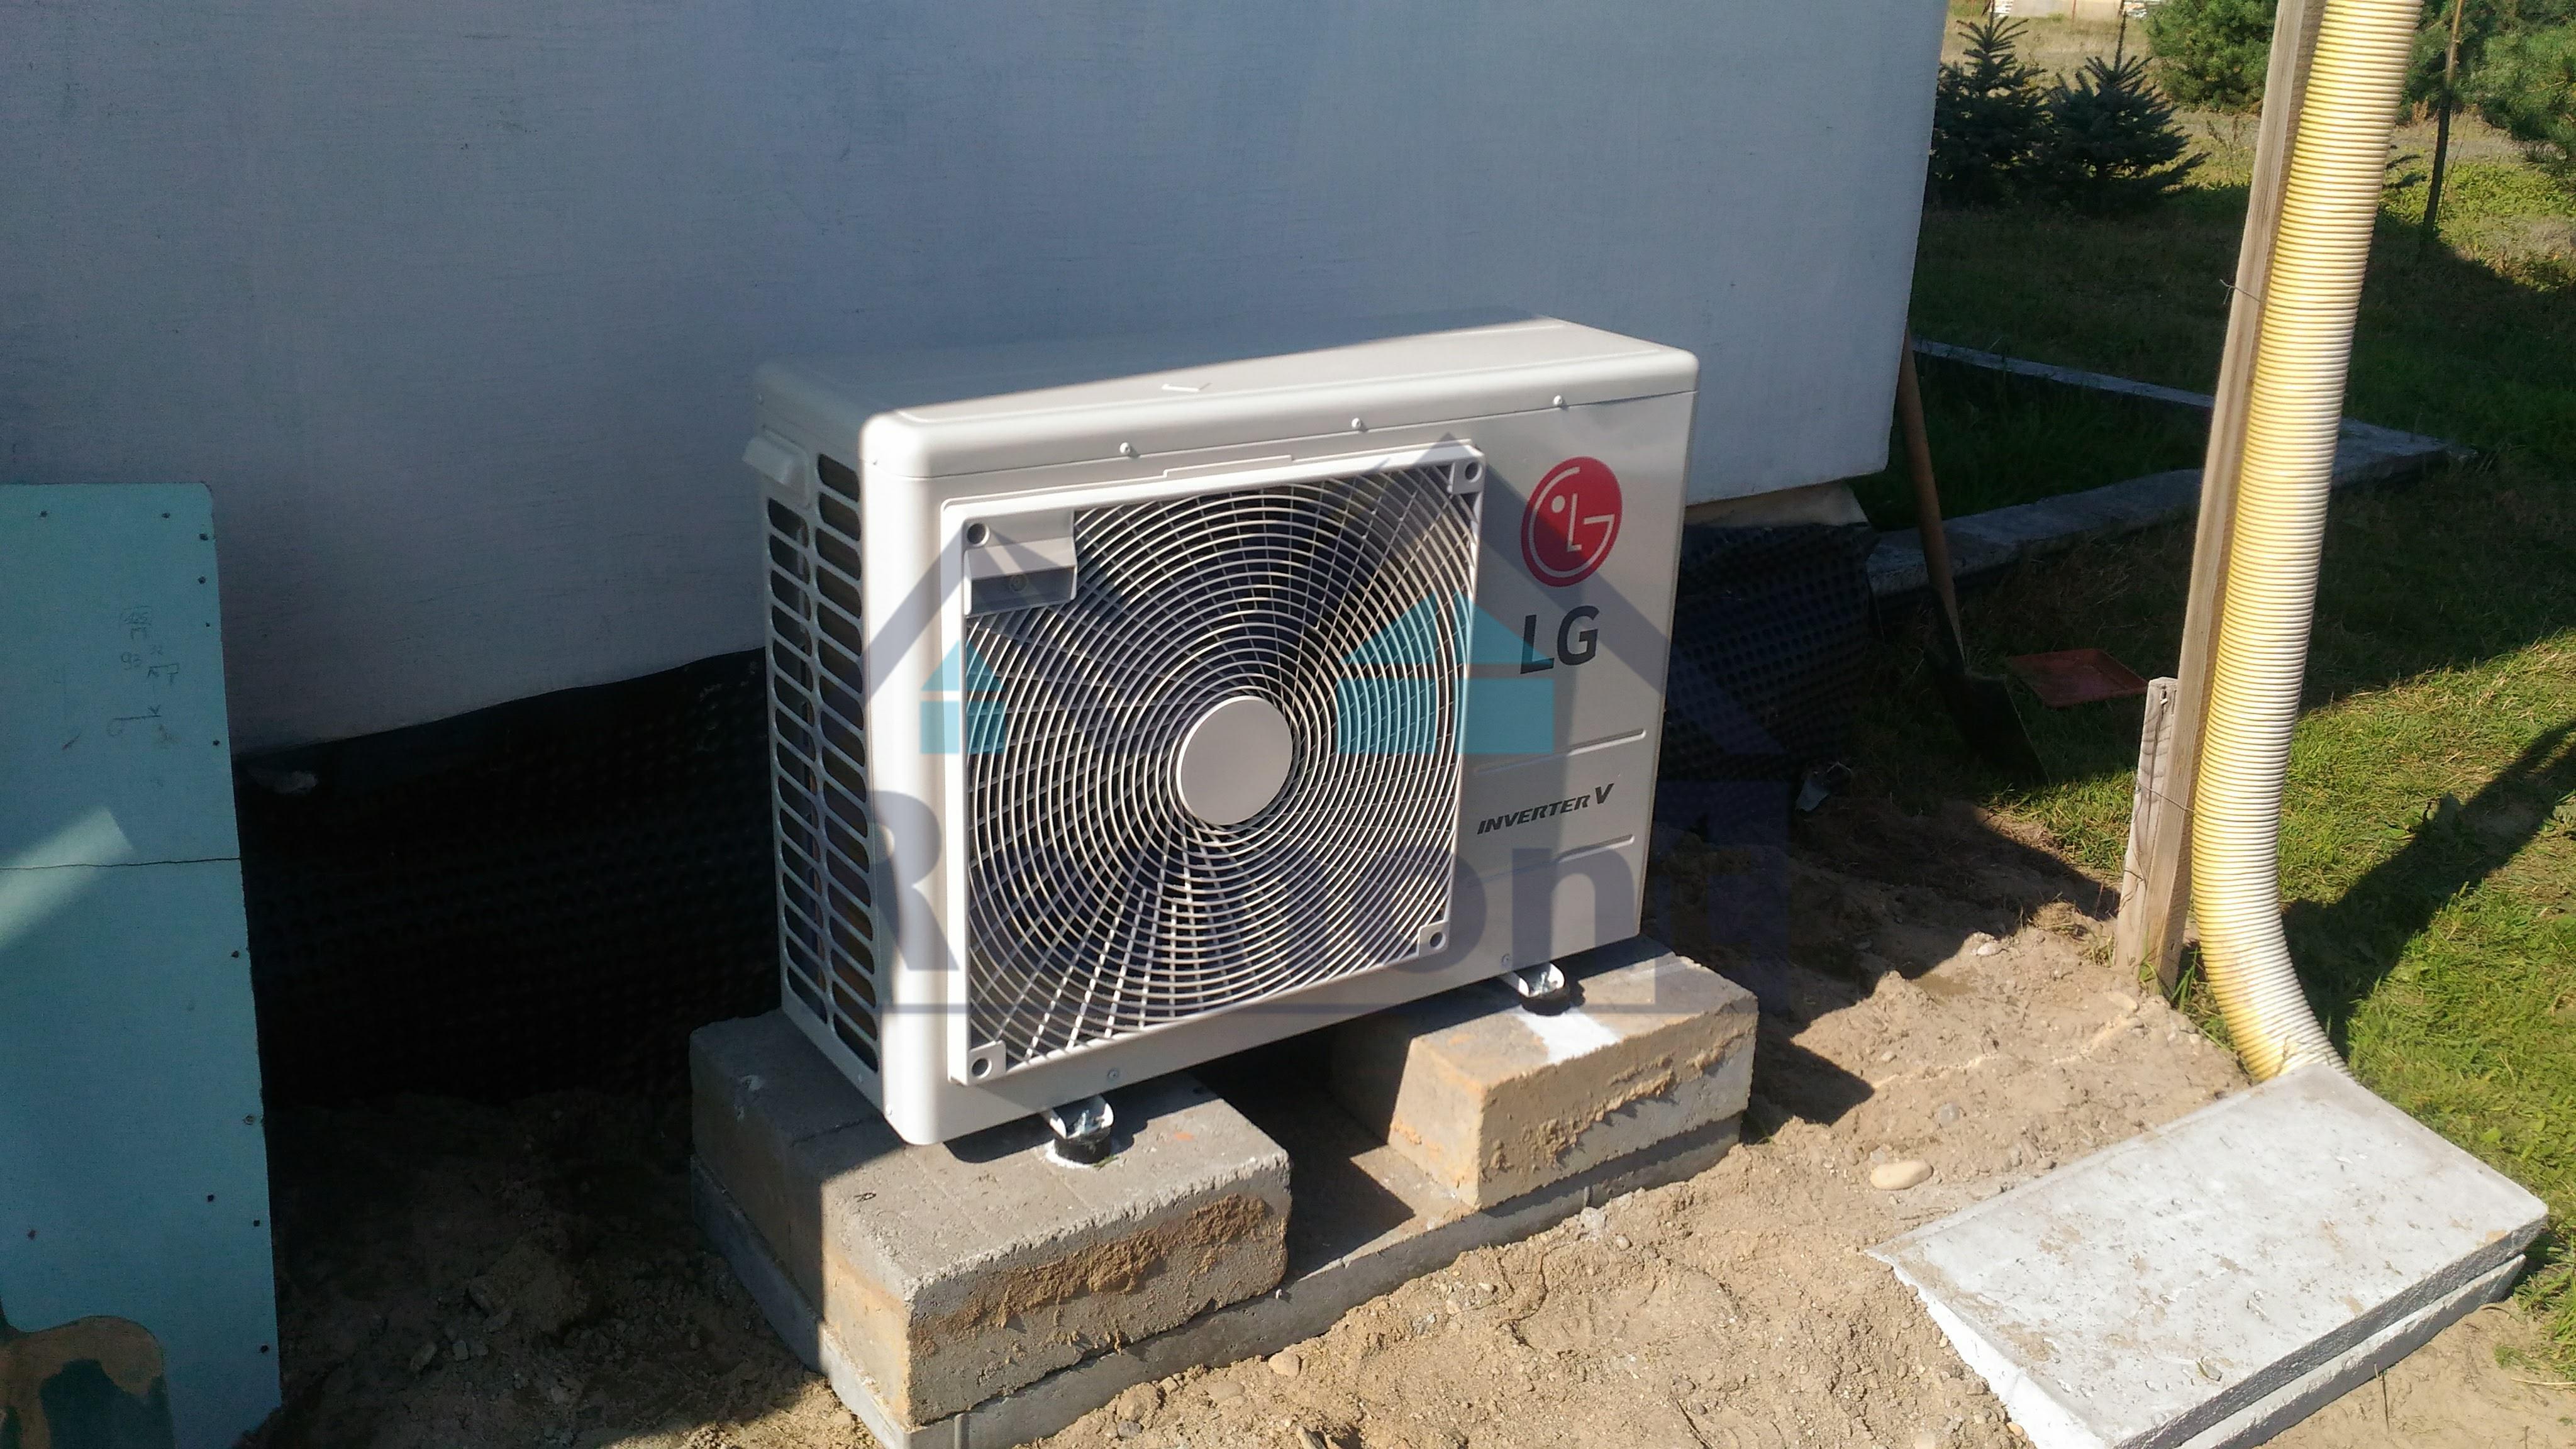 Montaż klimatyzacji lg